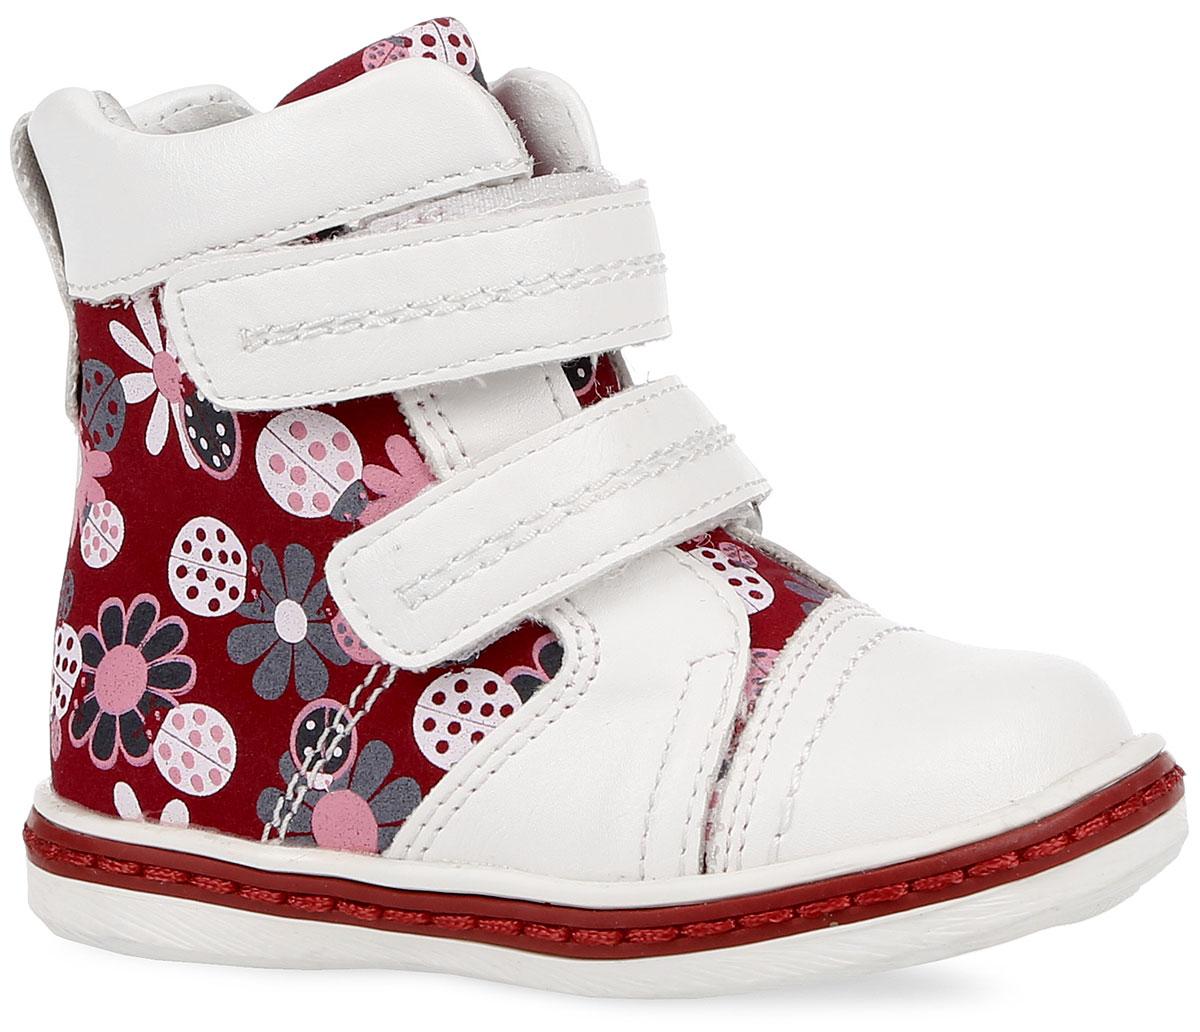 168213Модные ботинки от PlayToday заинтересуют вашу девочку с первого взгляда. Модель, выполненная из искусственной кожи, оформлена цветочным принтом. Ремешки с застежками-липучками надежно зафиксирует изделие на ножке. Подкладка выполнена из натуральной кожи и текстиля с содержанием хлопка 80%. Стелька из материала EVA с поверхностью из натуральной кожи дополнена супинатором с перфорацией, который обеспечивает правильное положение ноги ребенка при ходьбе, предотвращает плоскостопие. Подошва с рифление гарантирует идеальное сцепление с любой поверхностью. Такие ботинки займут достойное место в гардеробе вашей девочки.